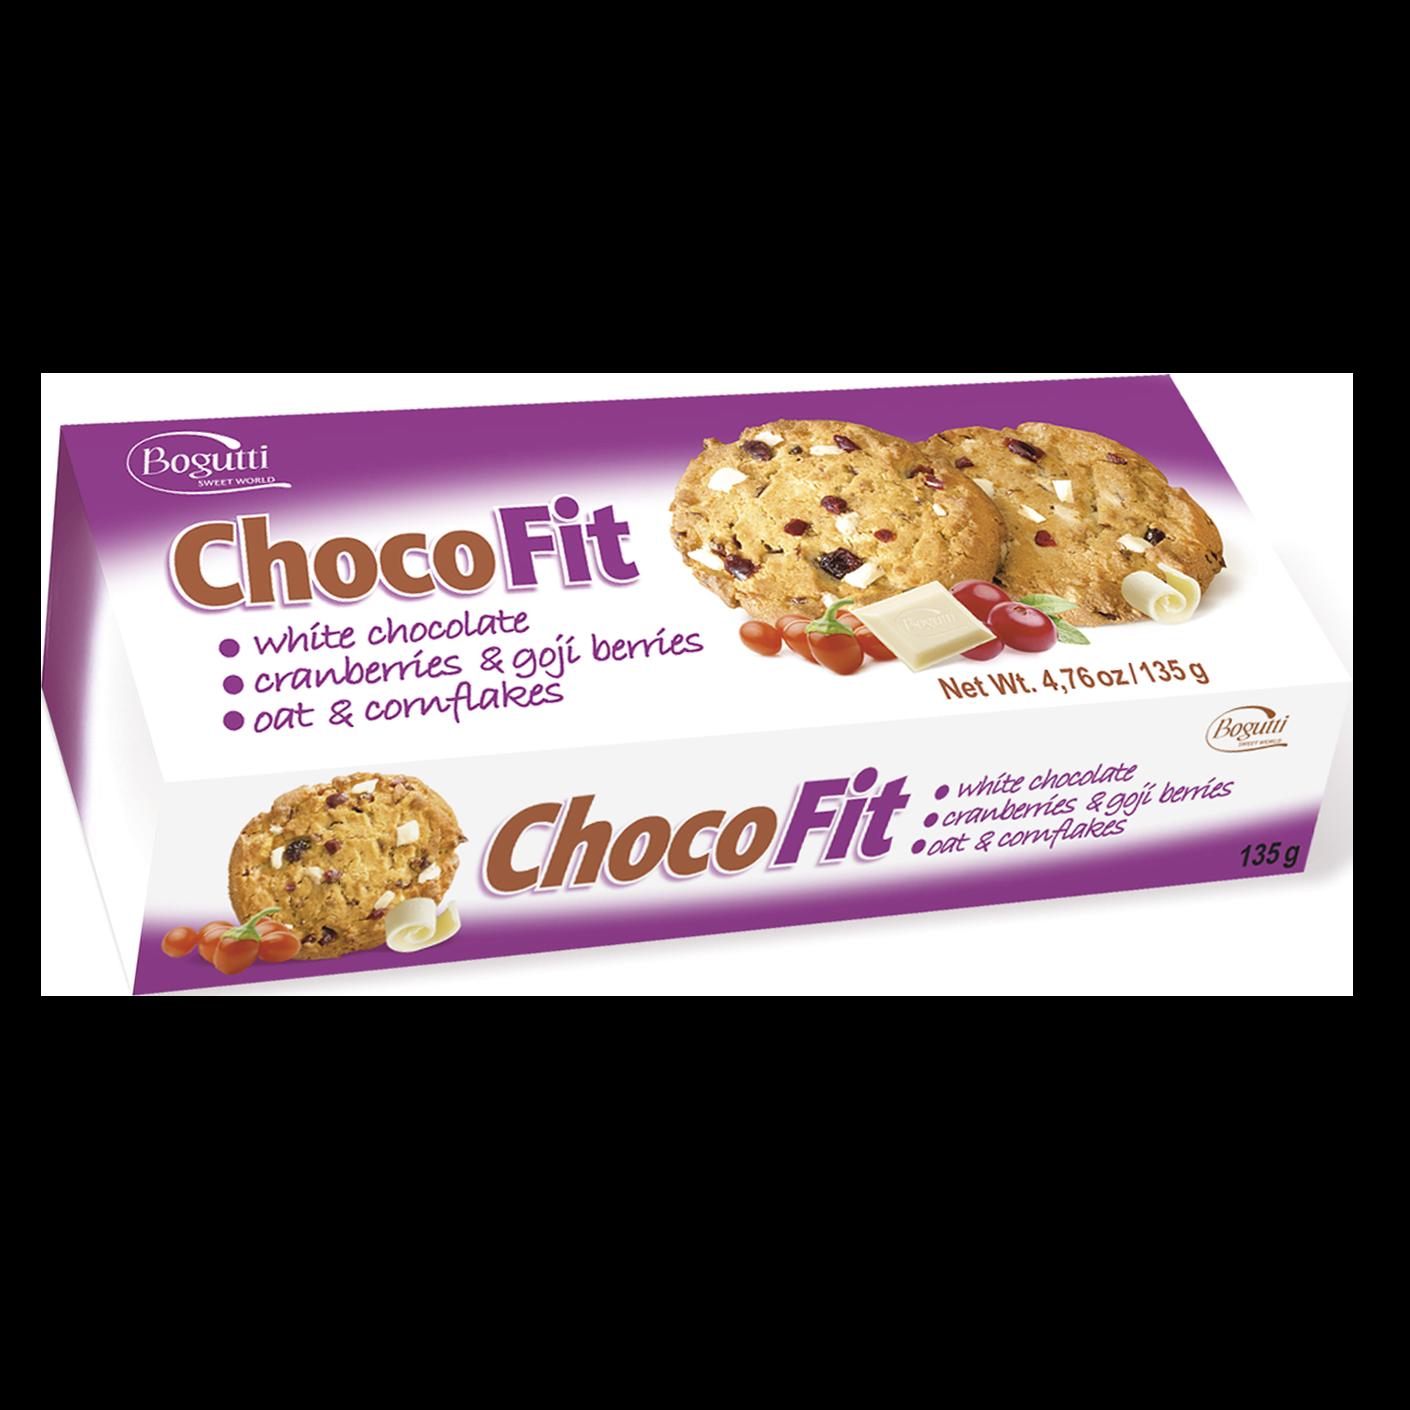 Choco Fit – Kruche ciasteczka z płatkami owsianymi, kukurydzianymi, białą czekoladą, owocami goji i żurawiną